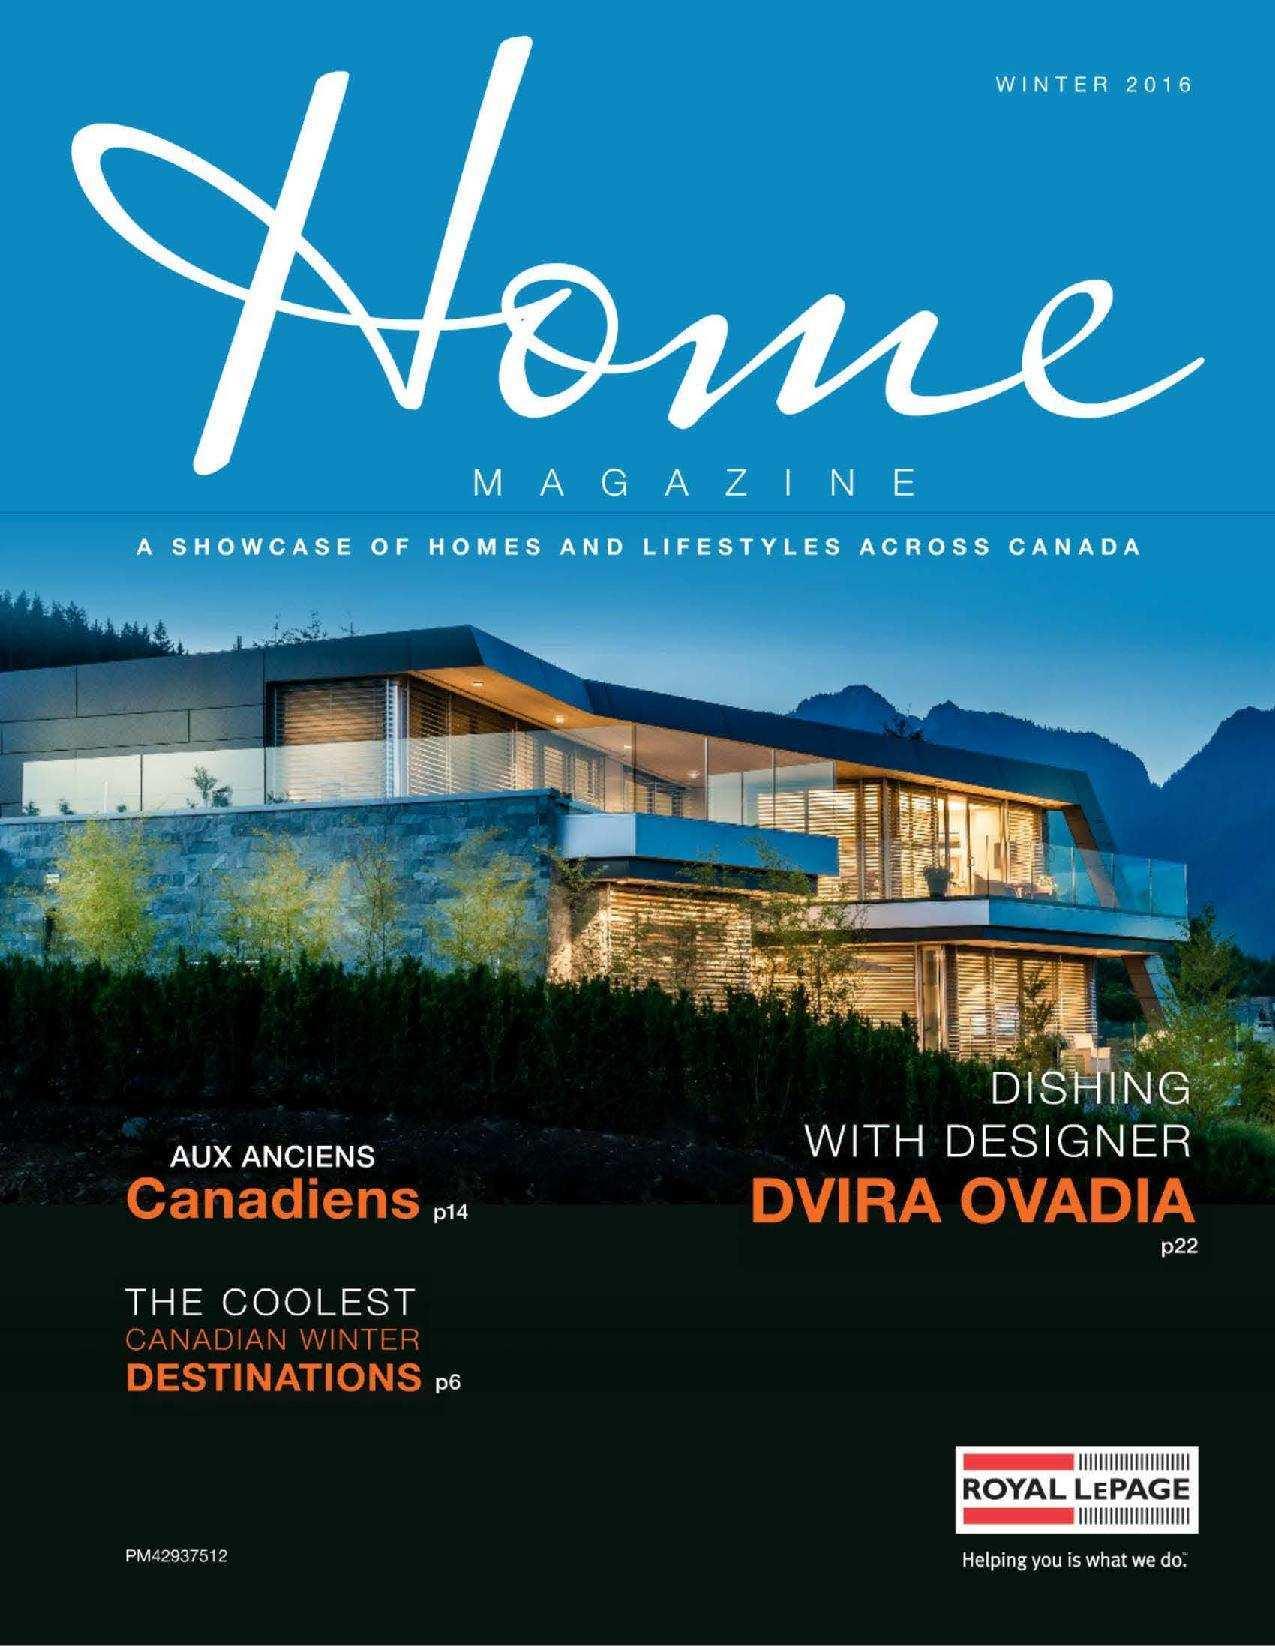 Press Release: Home Magazine